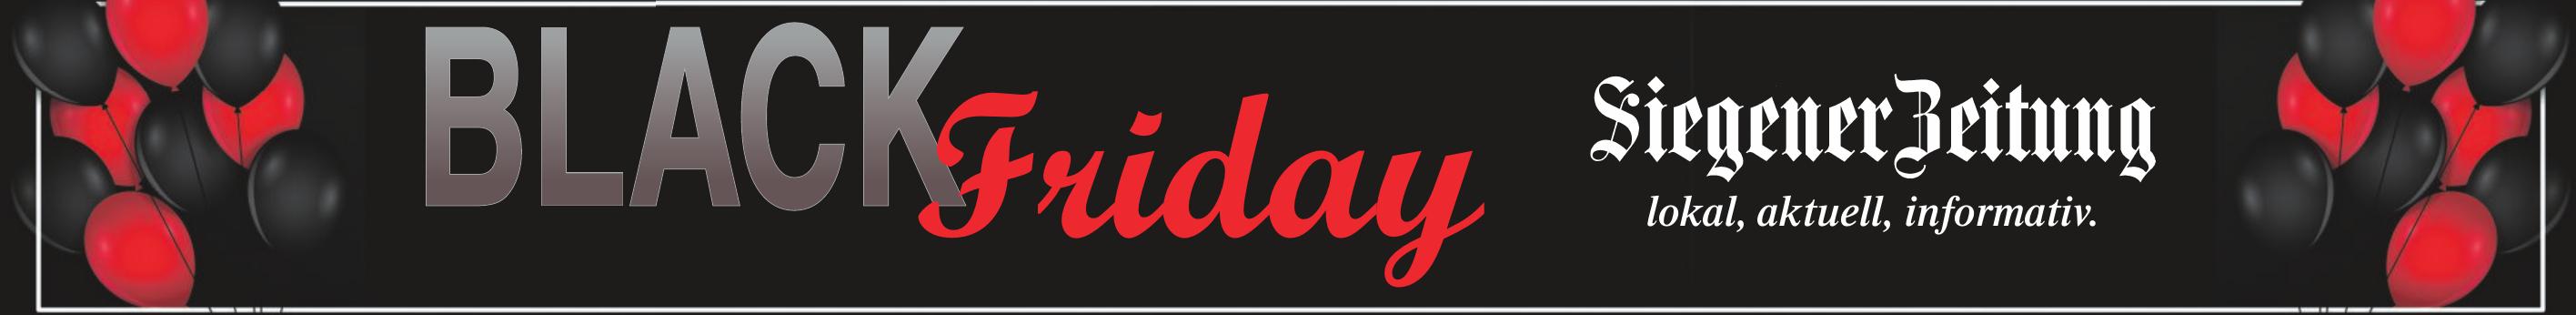 Black Friday ist längst in Siegen angekommen Image 1